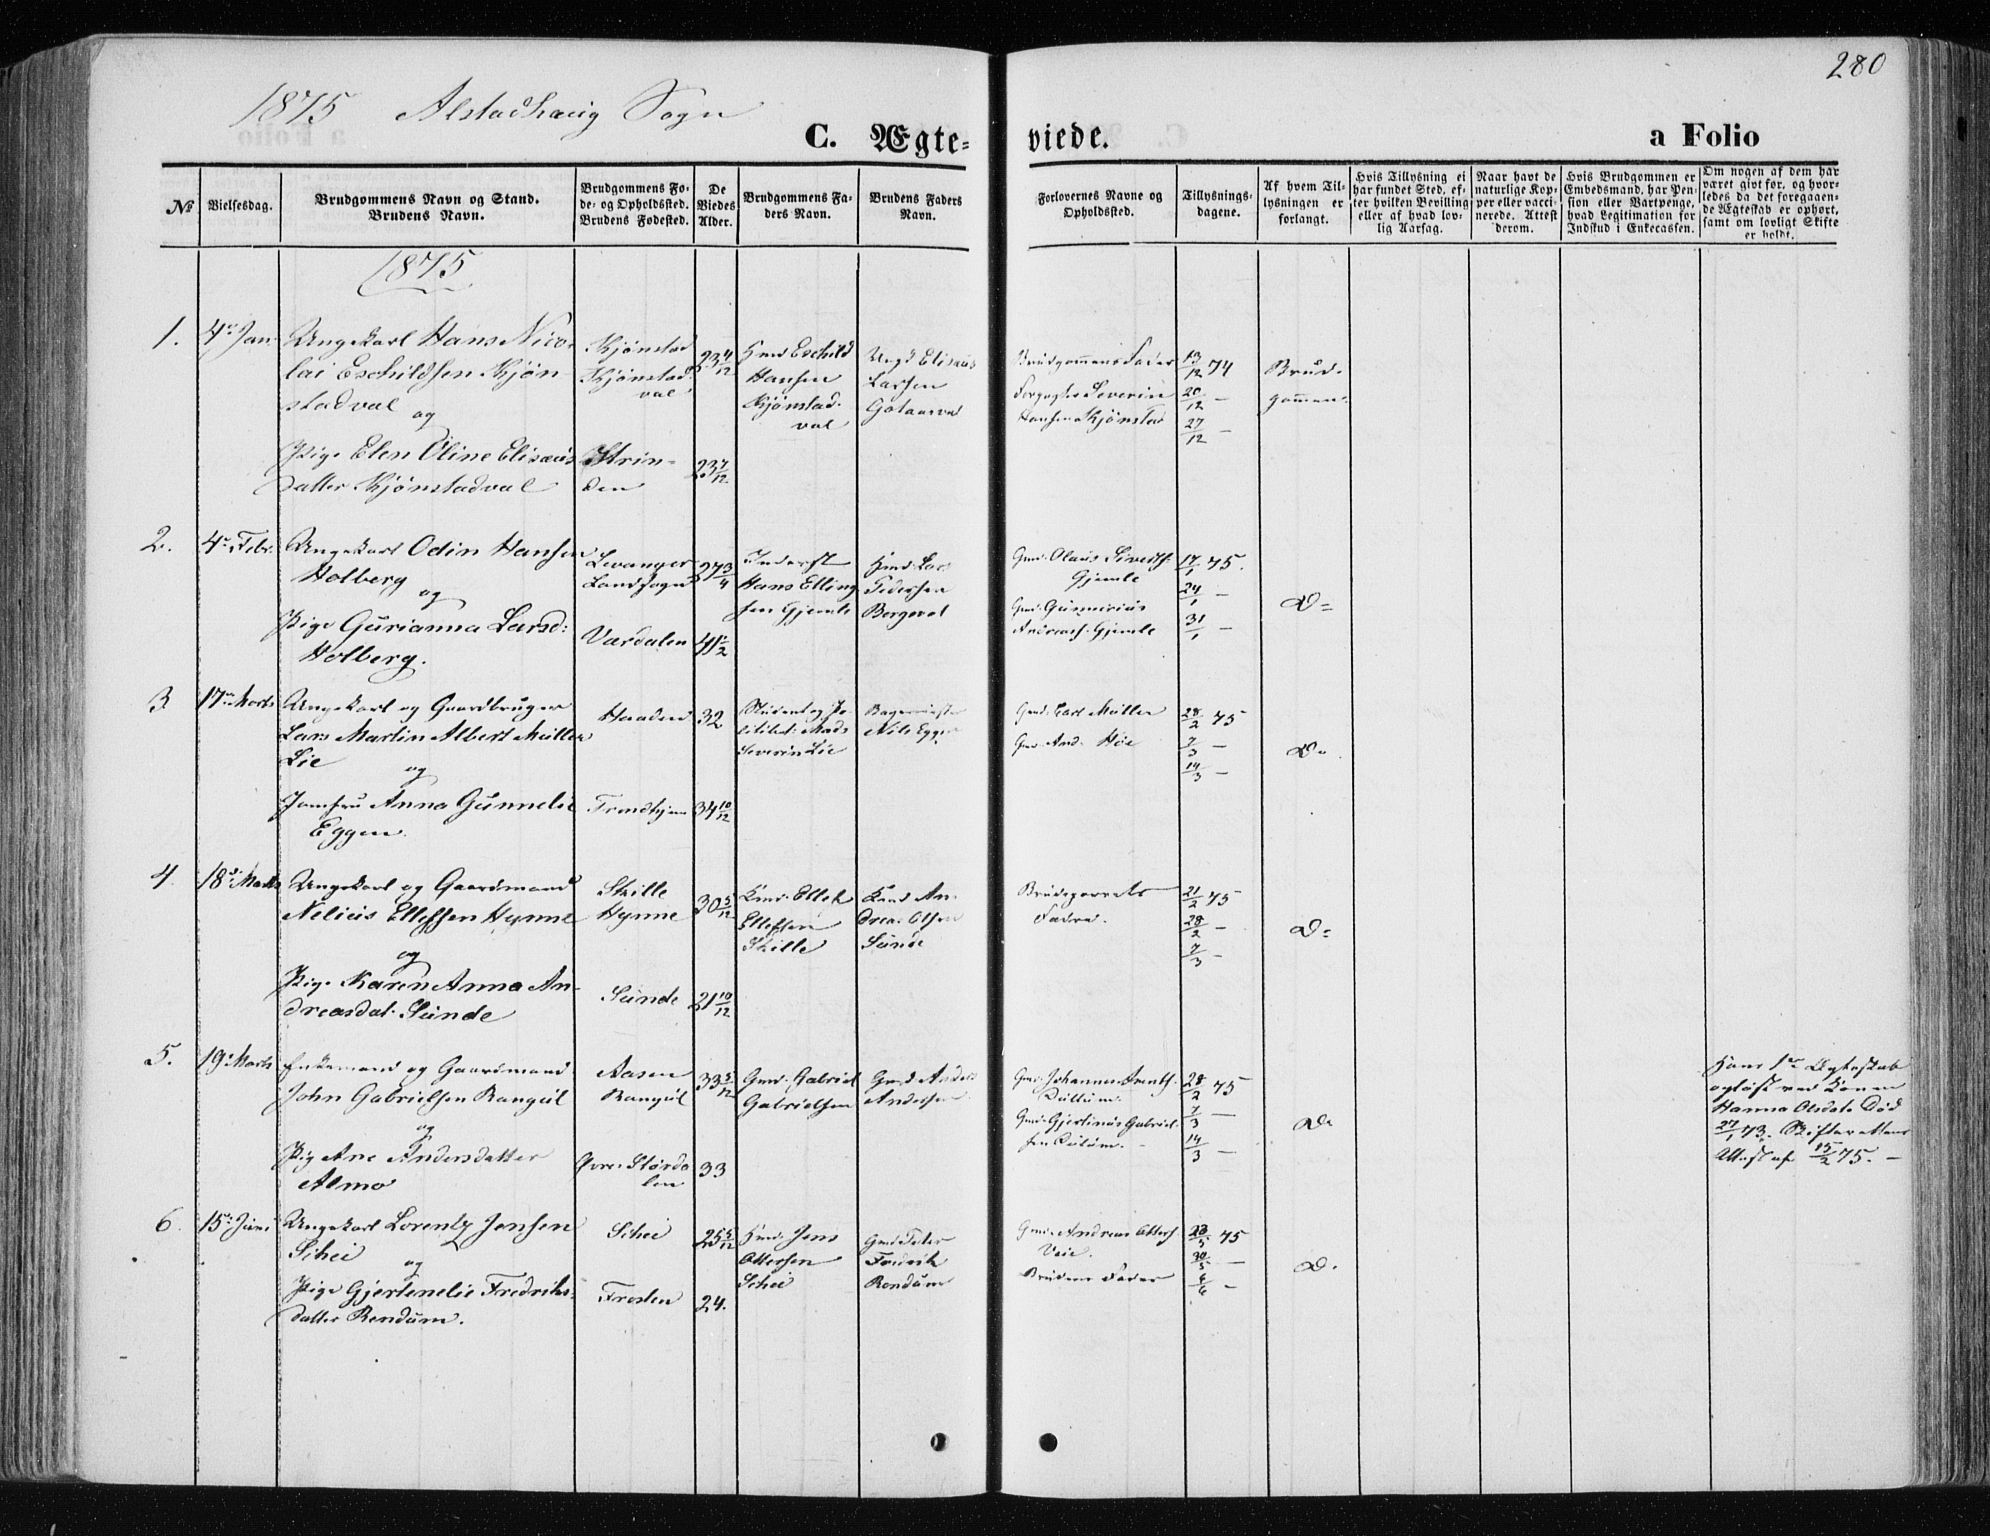 SAT, Ministerialprotokoller, klokkerbøker og fødselsregistre - Nord-Trøndelag, 717/L0157: Ministerialbok nr. 717A08 /1, 1863-1877, s. 280